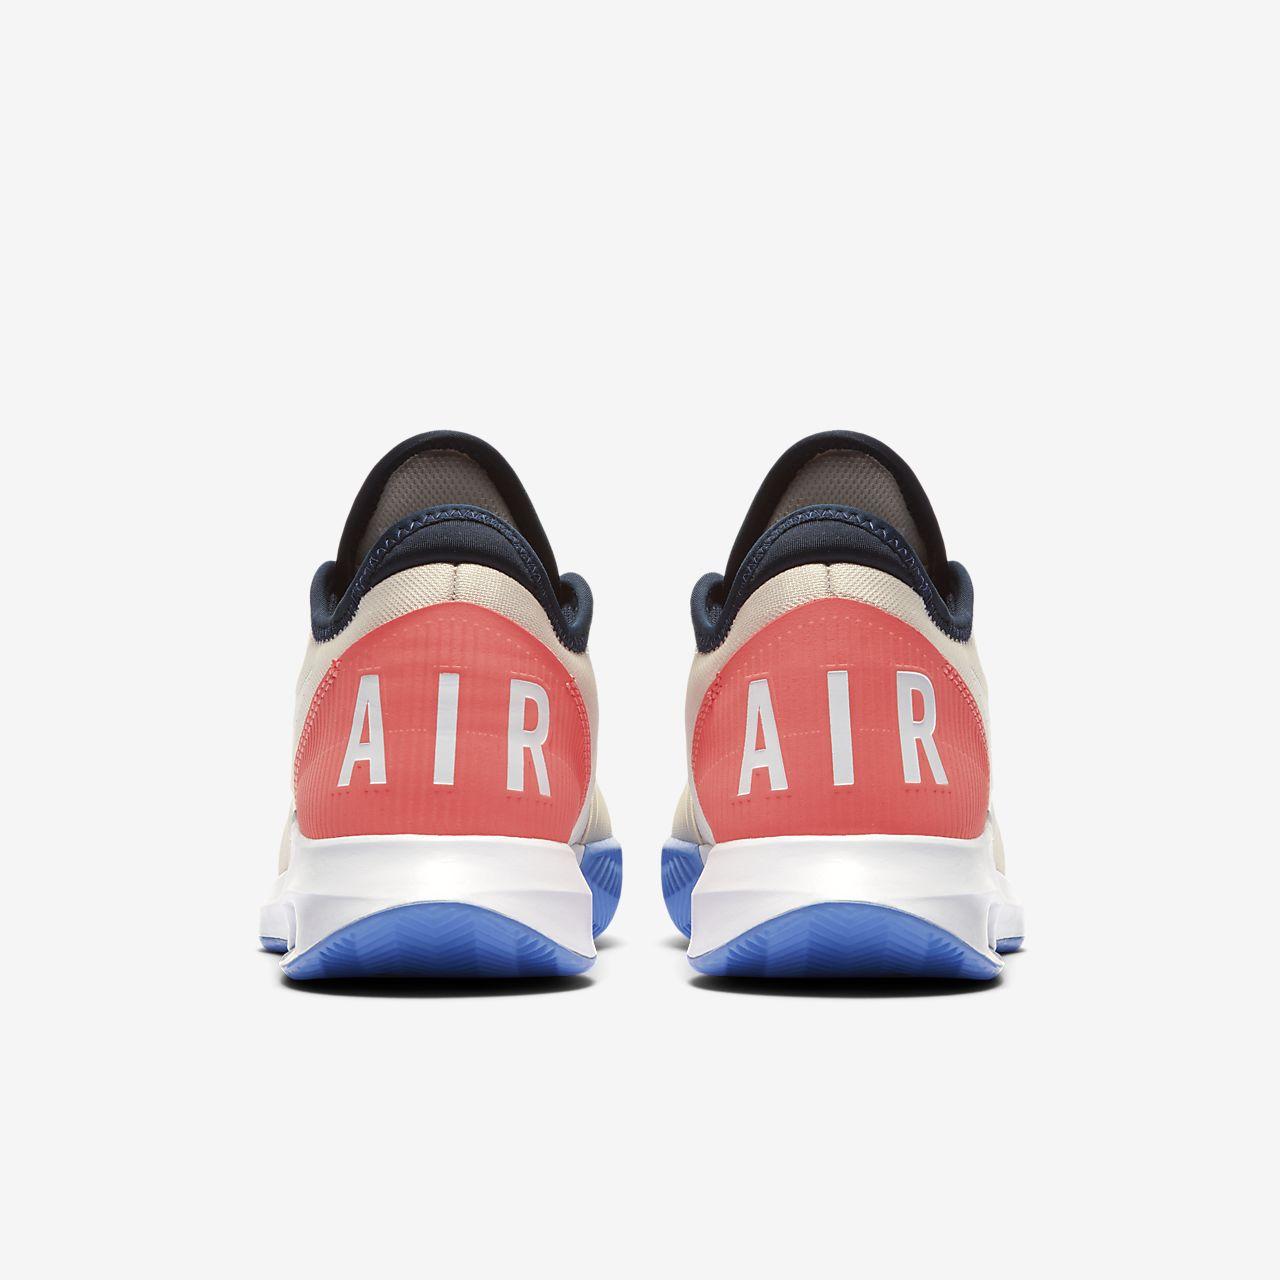 NikeCourt Air Max Wildcard Tennisschoen voor dames (gravel)